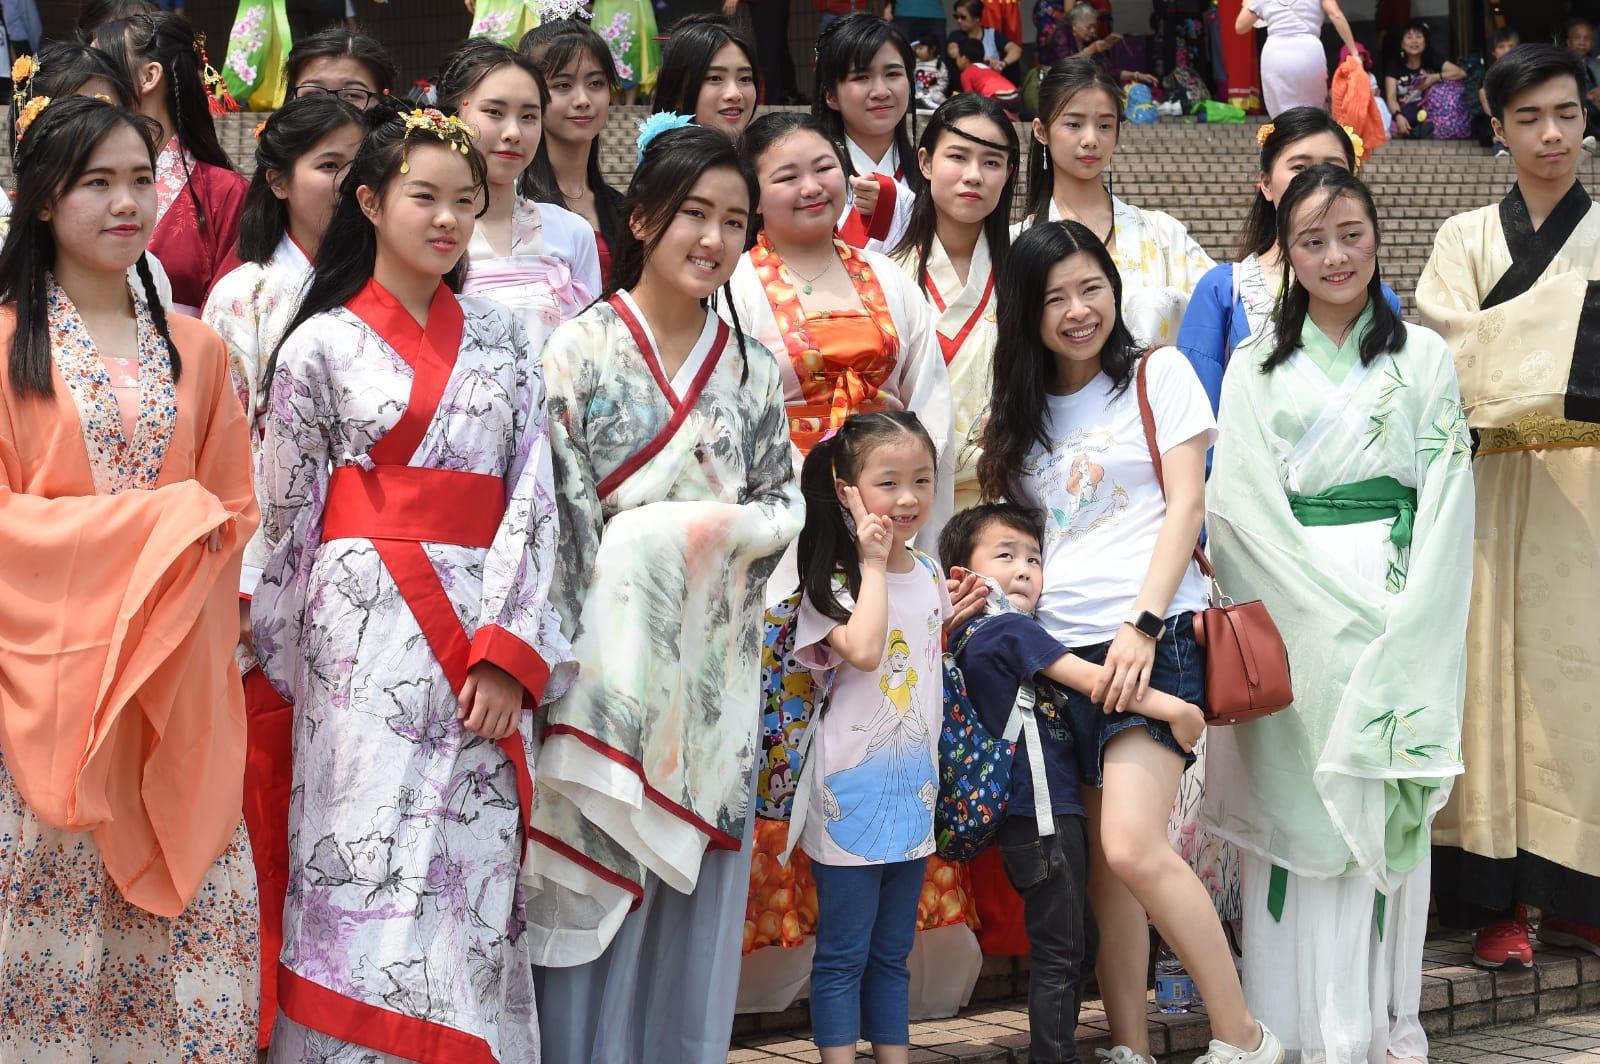 國際華服節在文化中心開幕,吸引市民旅客合照